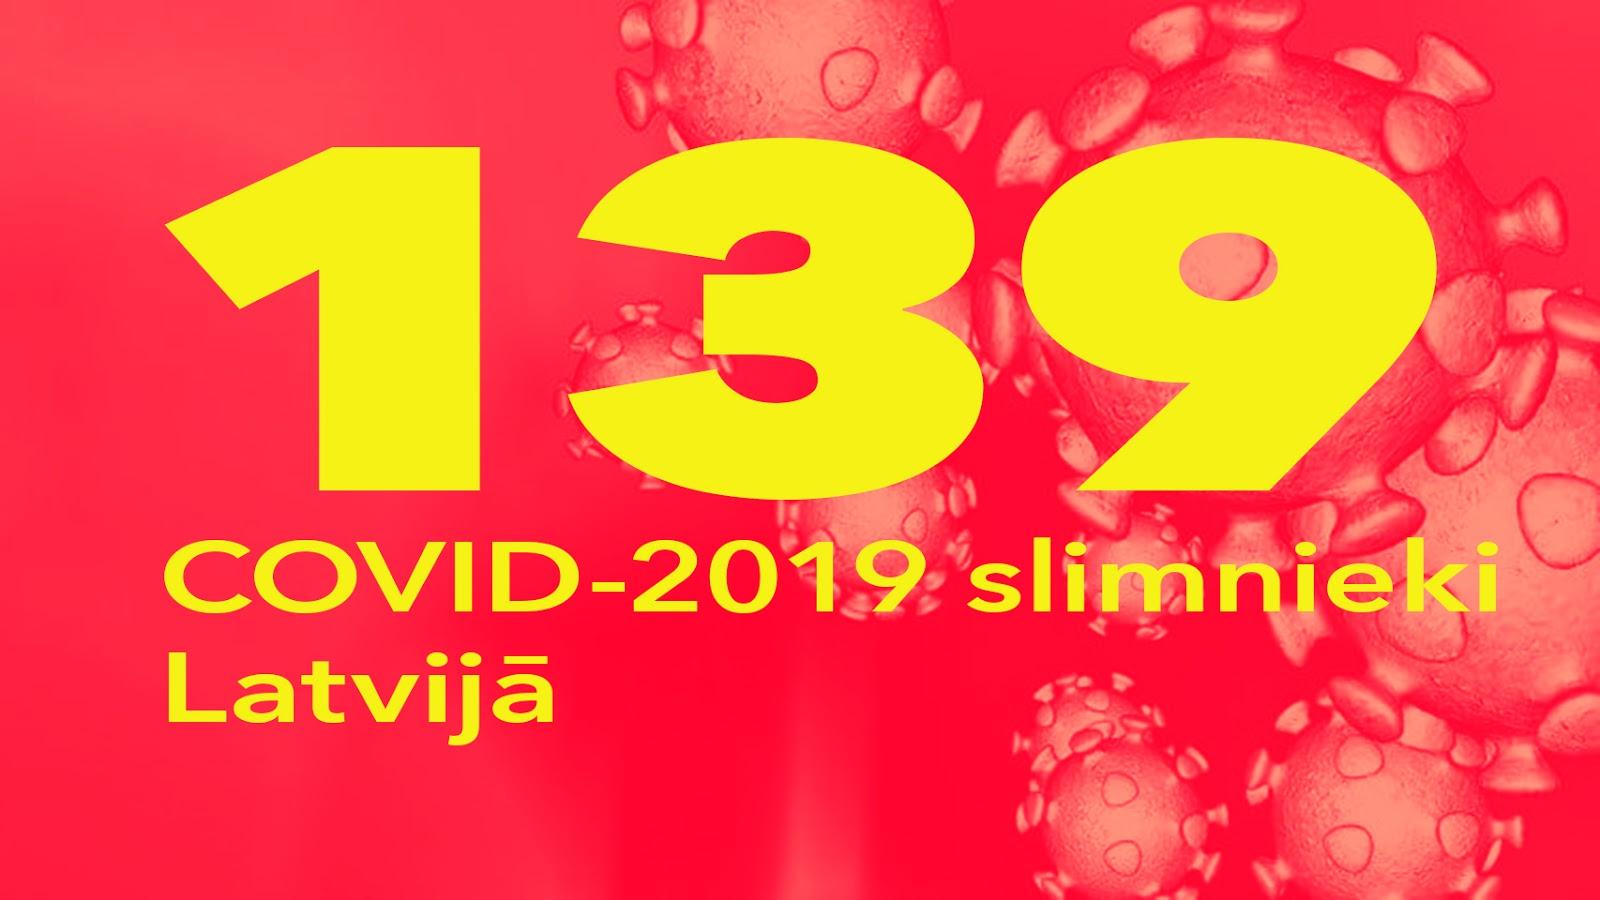 Koronavīrusa saslimušo skaits Latvijā 22.03.2020.